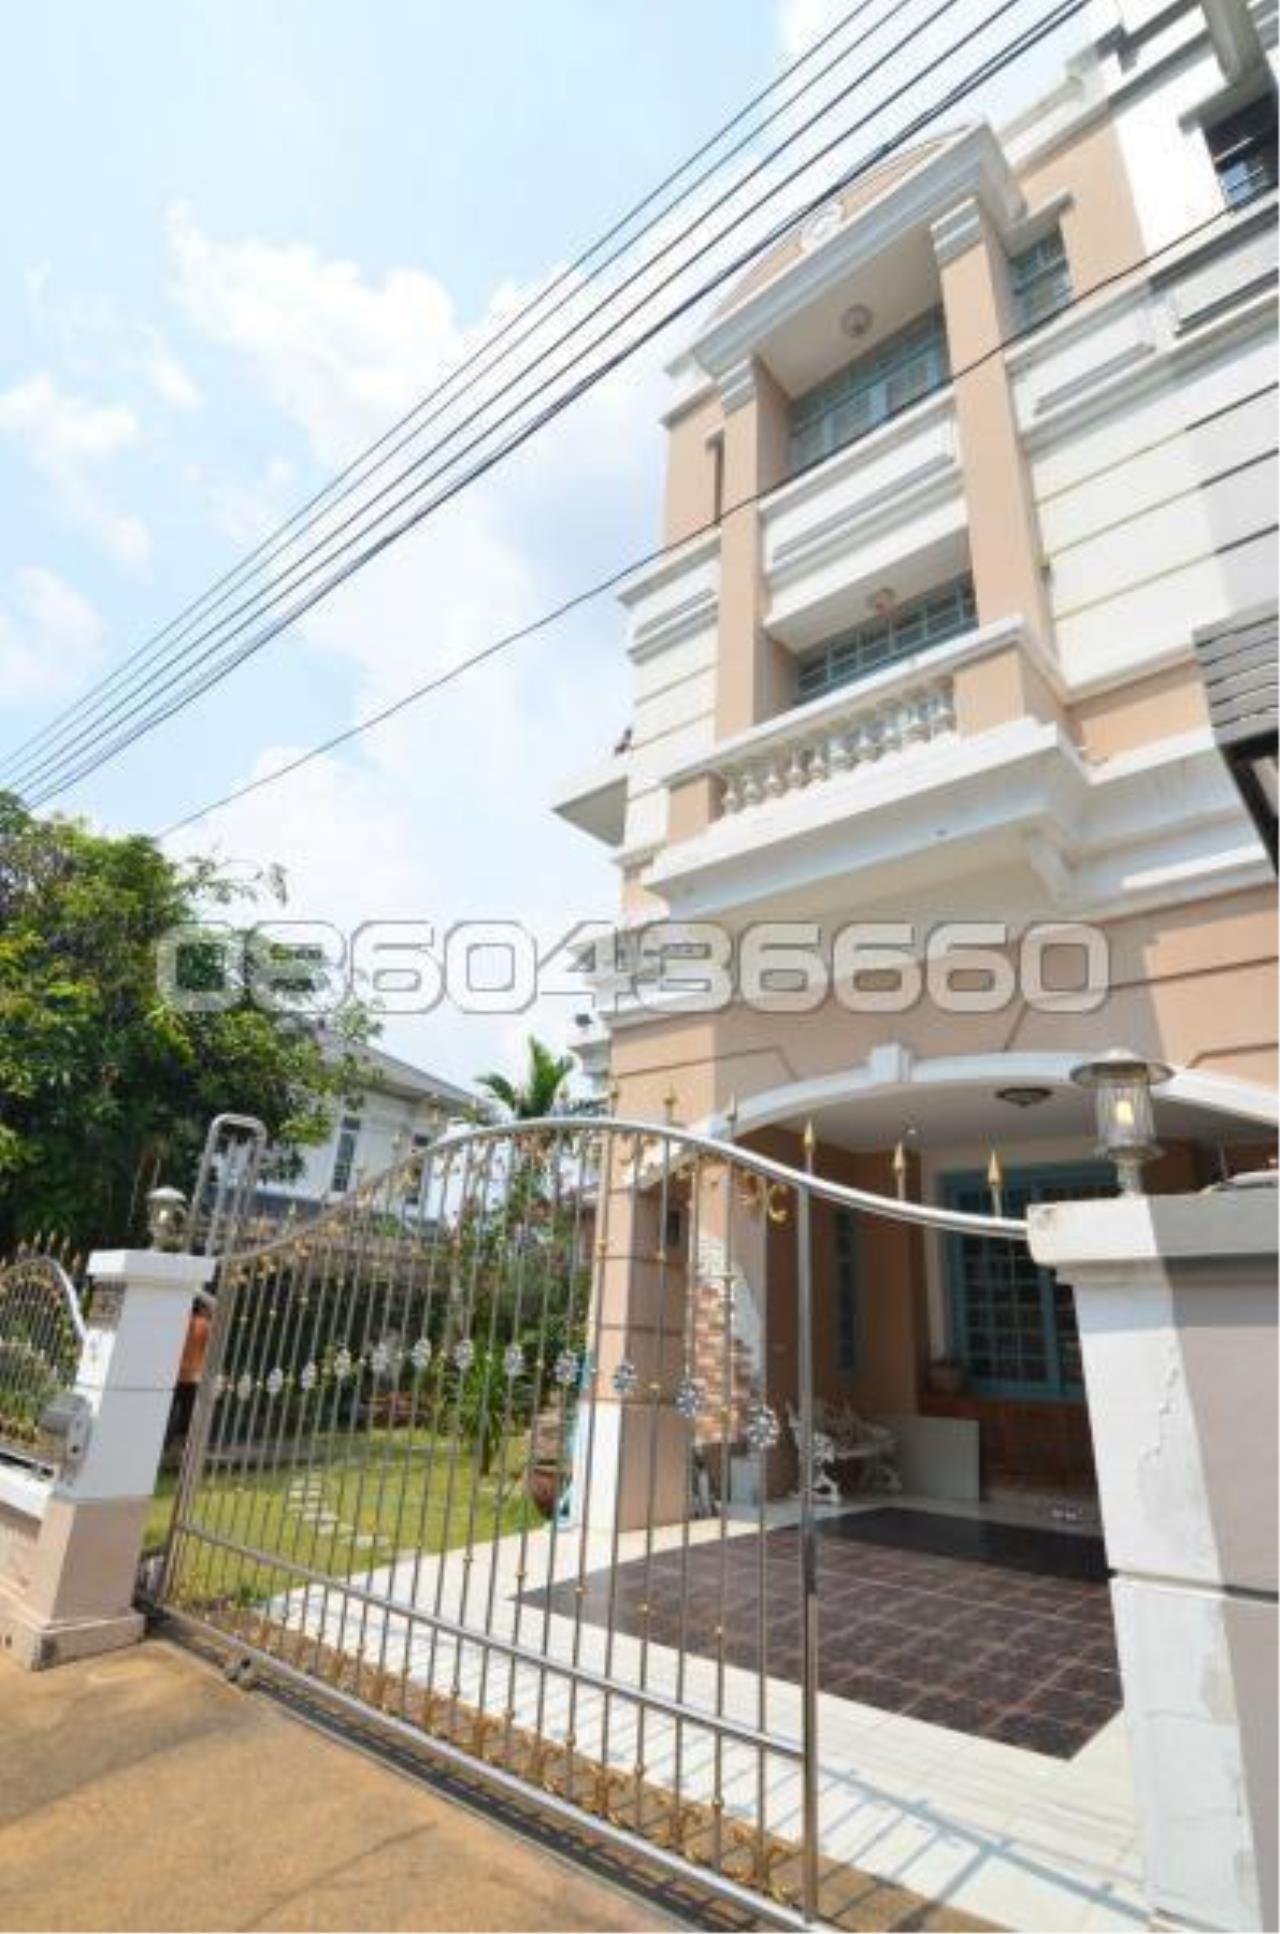 ขาย บ้าน แขวงอรุณอมรินทร์ เขตบางกอกน้อย กรุงเทพมหานคร, ภาพที่ 3